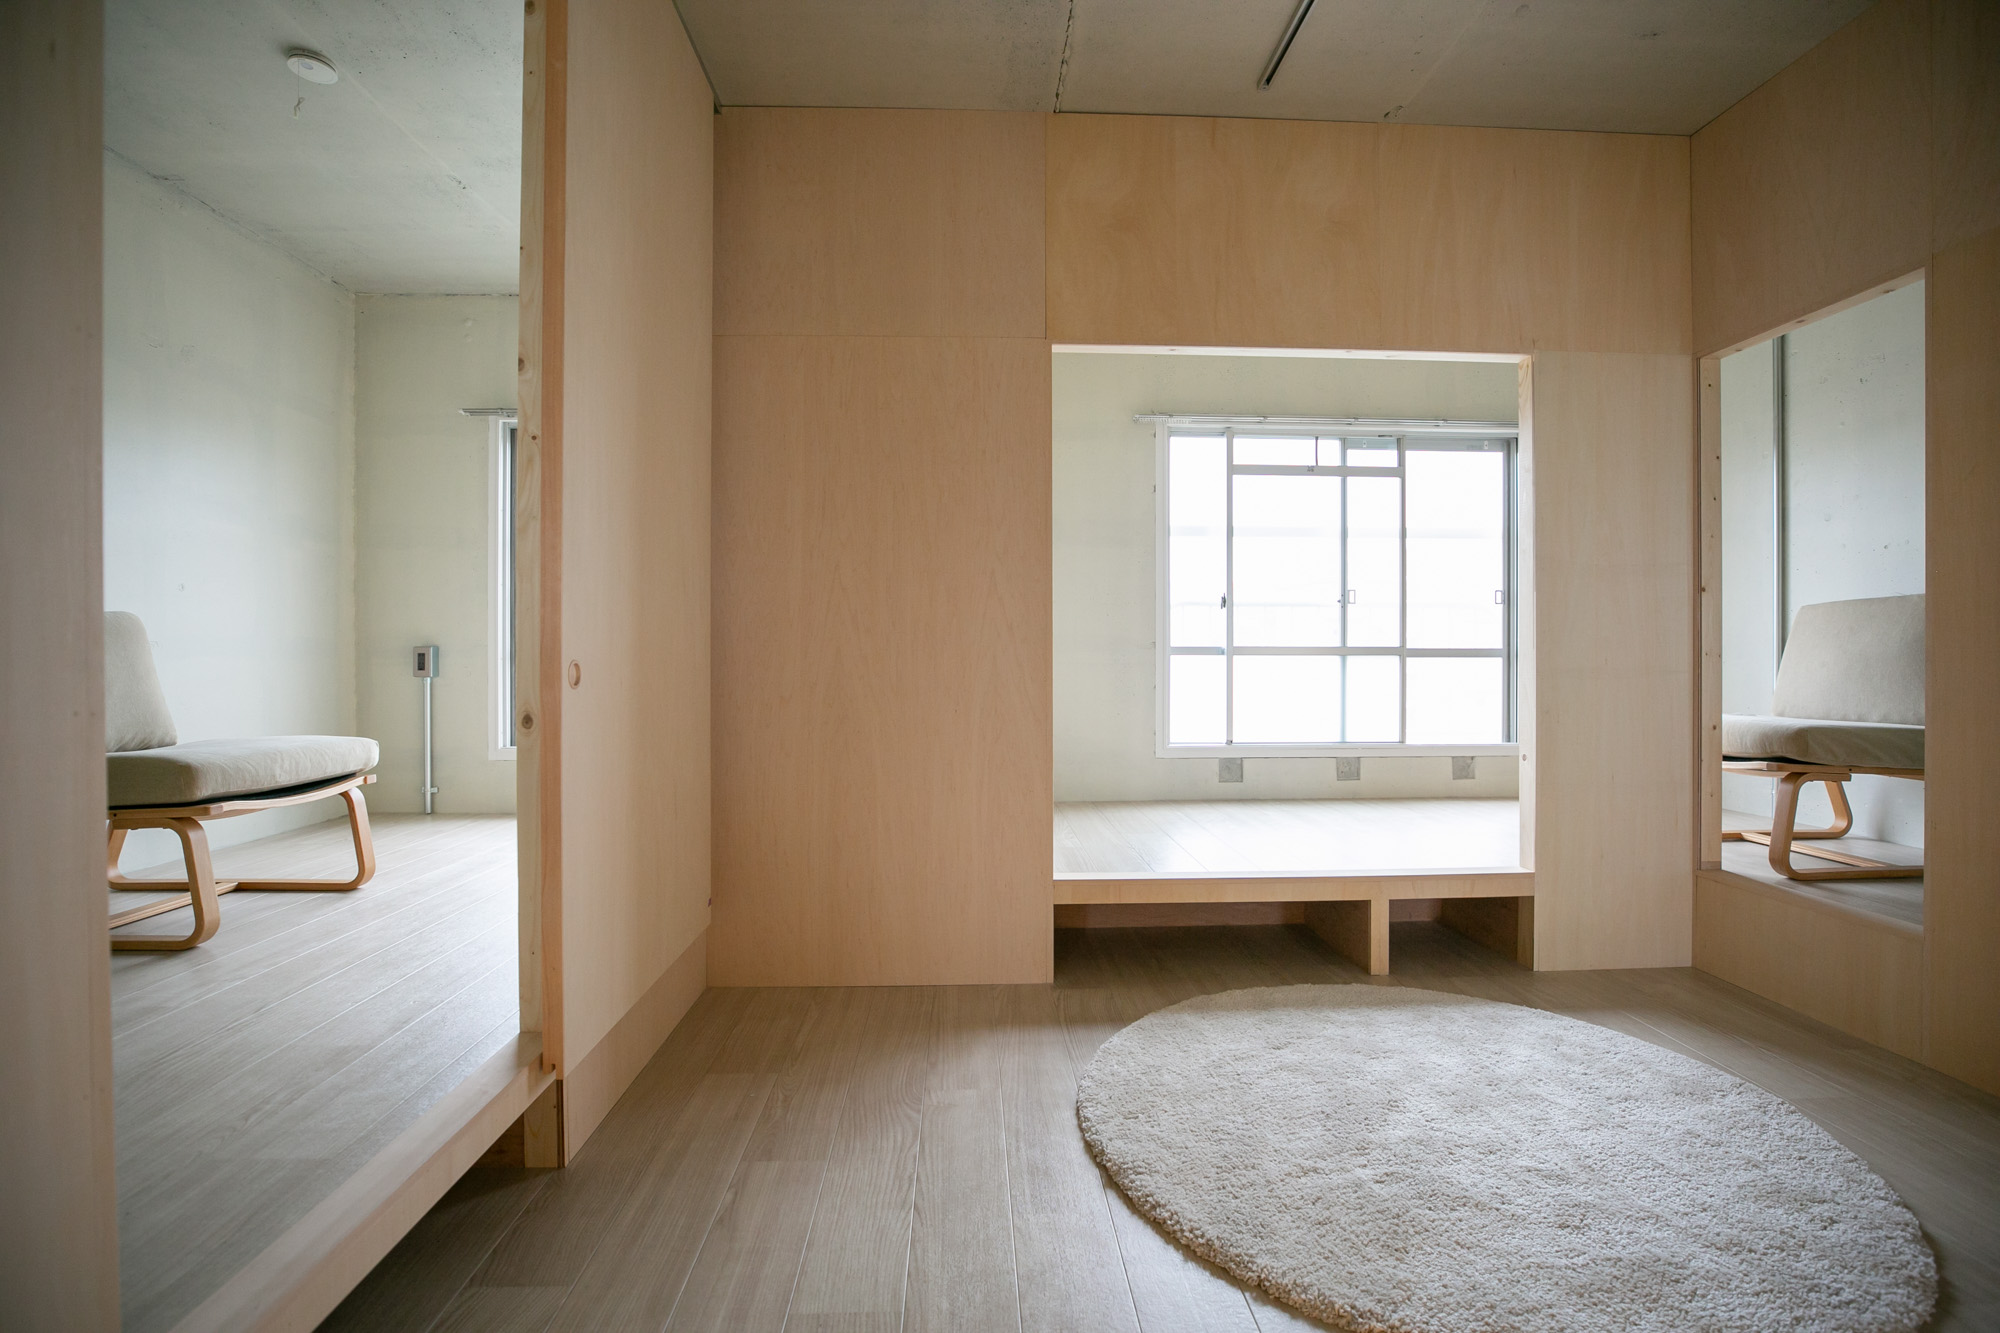 ロの字壁の内側は「集いの間」。空間を立体的に使えるように、周囲の部屋は「小上がり」になっています。ちょっと腰かけてベンチとして、下は収納としても使えます。